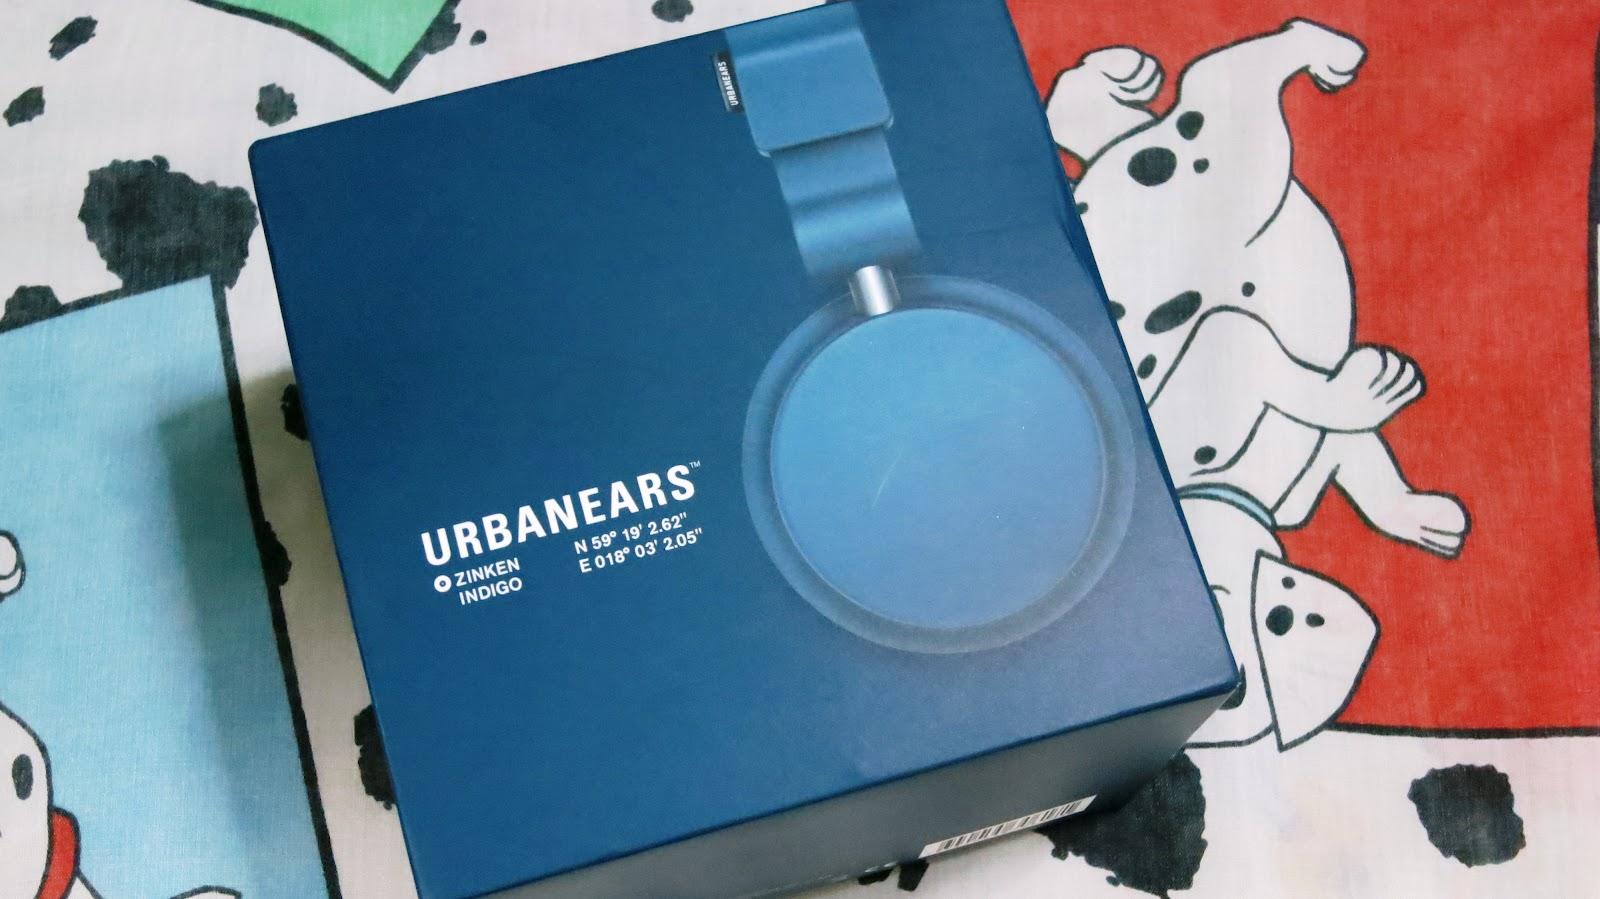 Urbanears Zinken: Zen to the Ears, Light on the Pocket ...